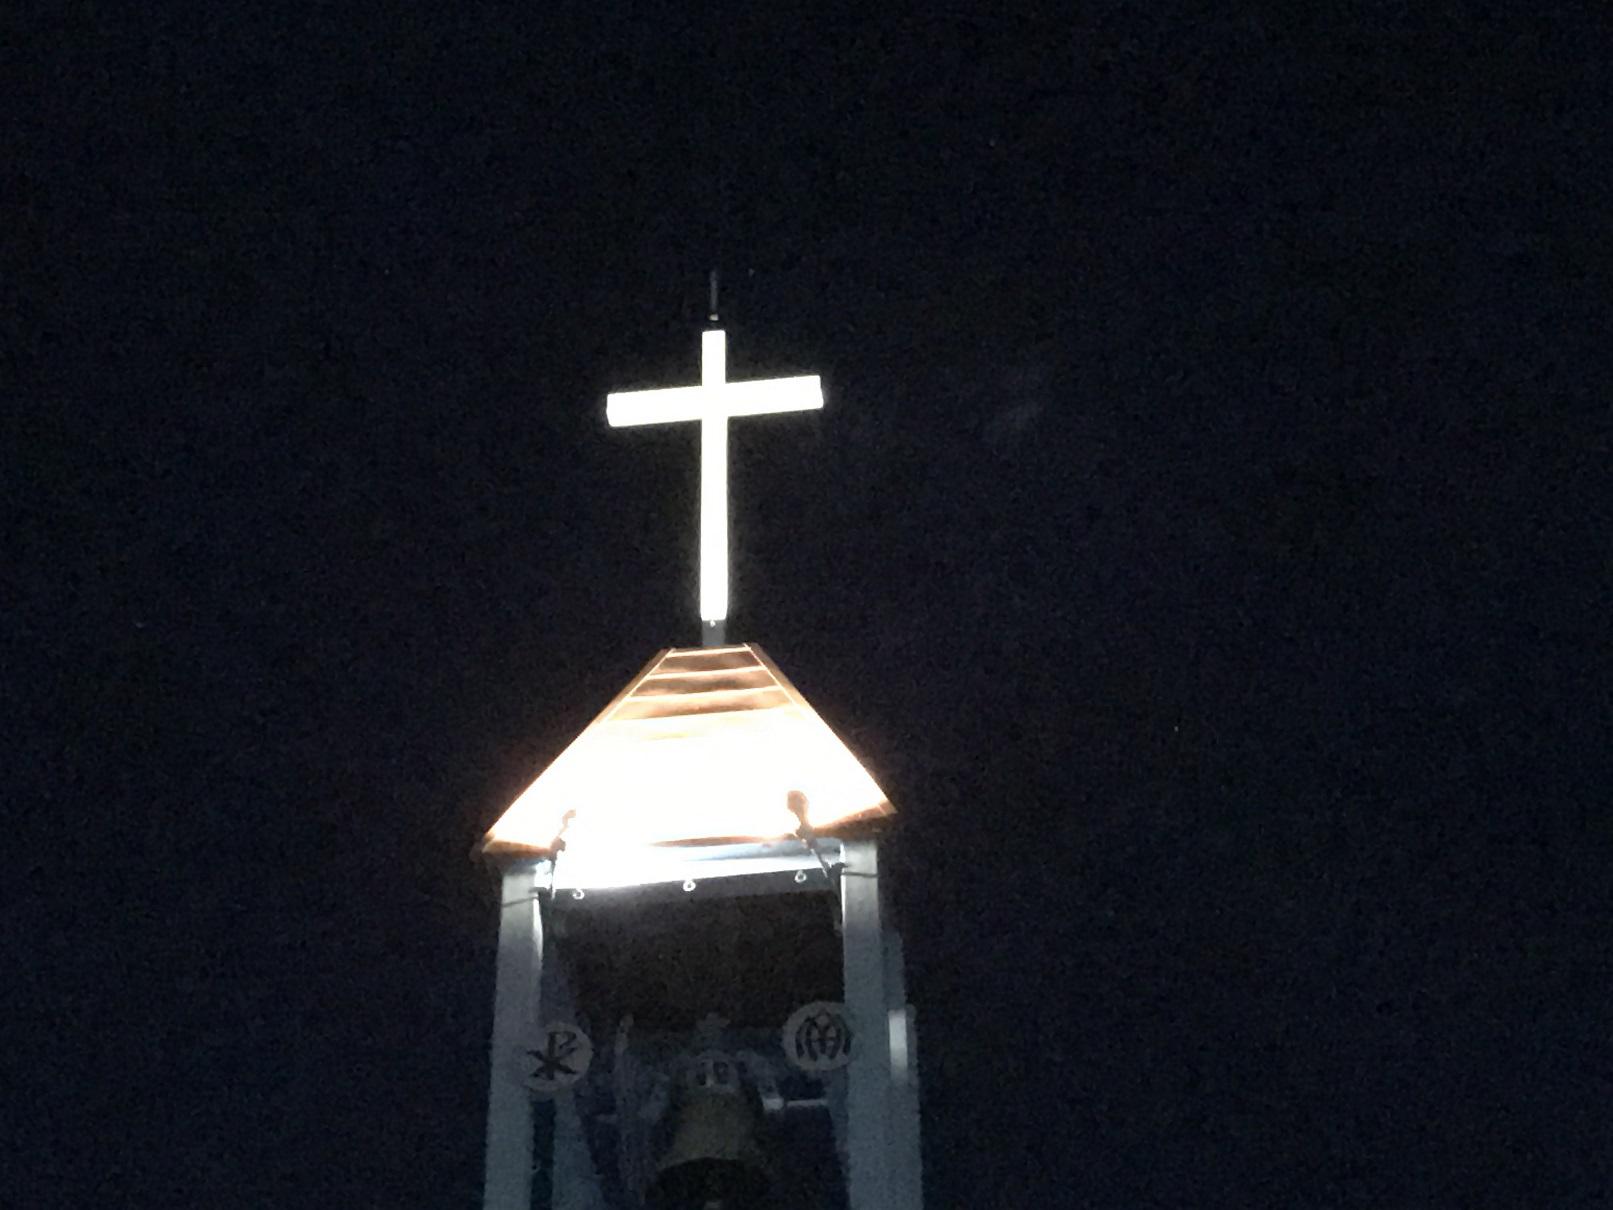 瀬留教会のライトアップされた十字架